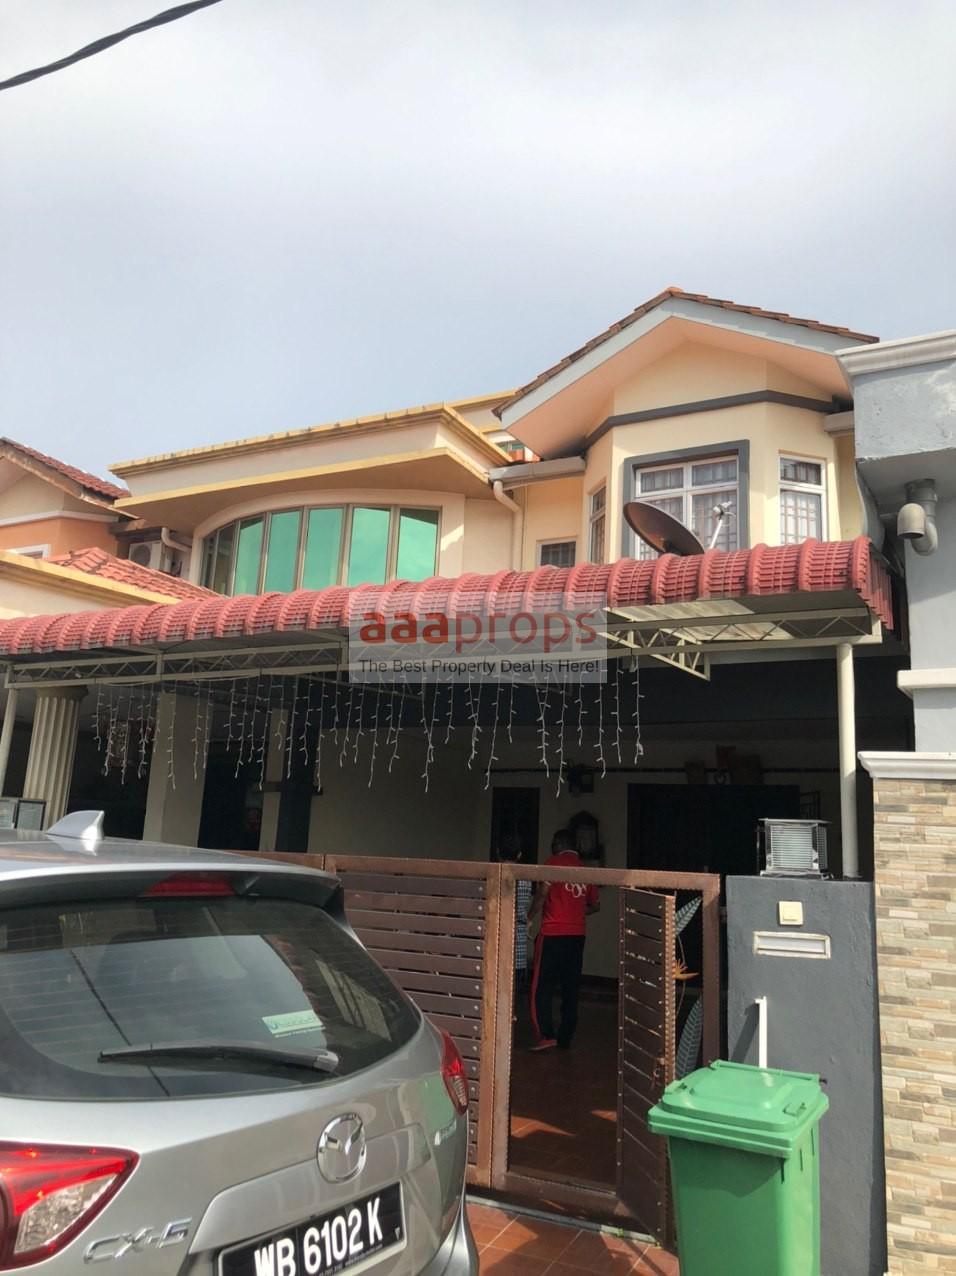 2 Storey Terrace Jalan Sungai Batu Taman Klang Utama